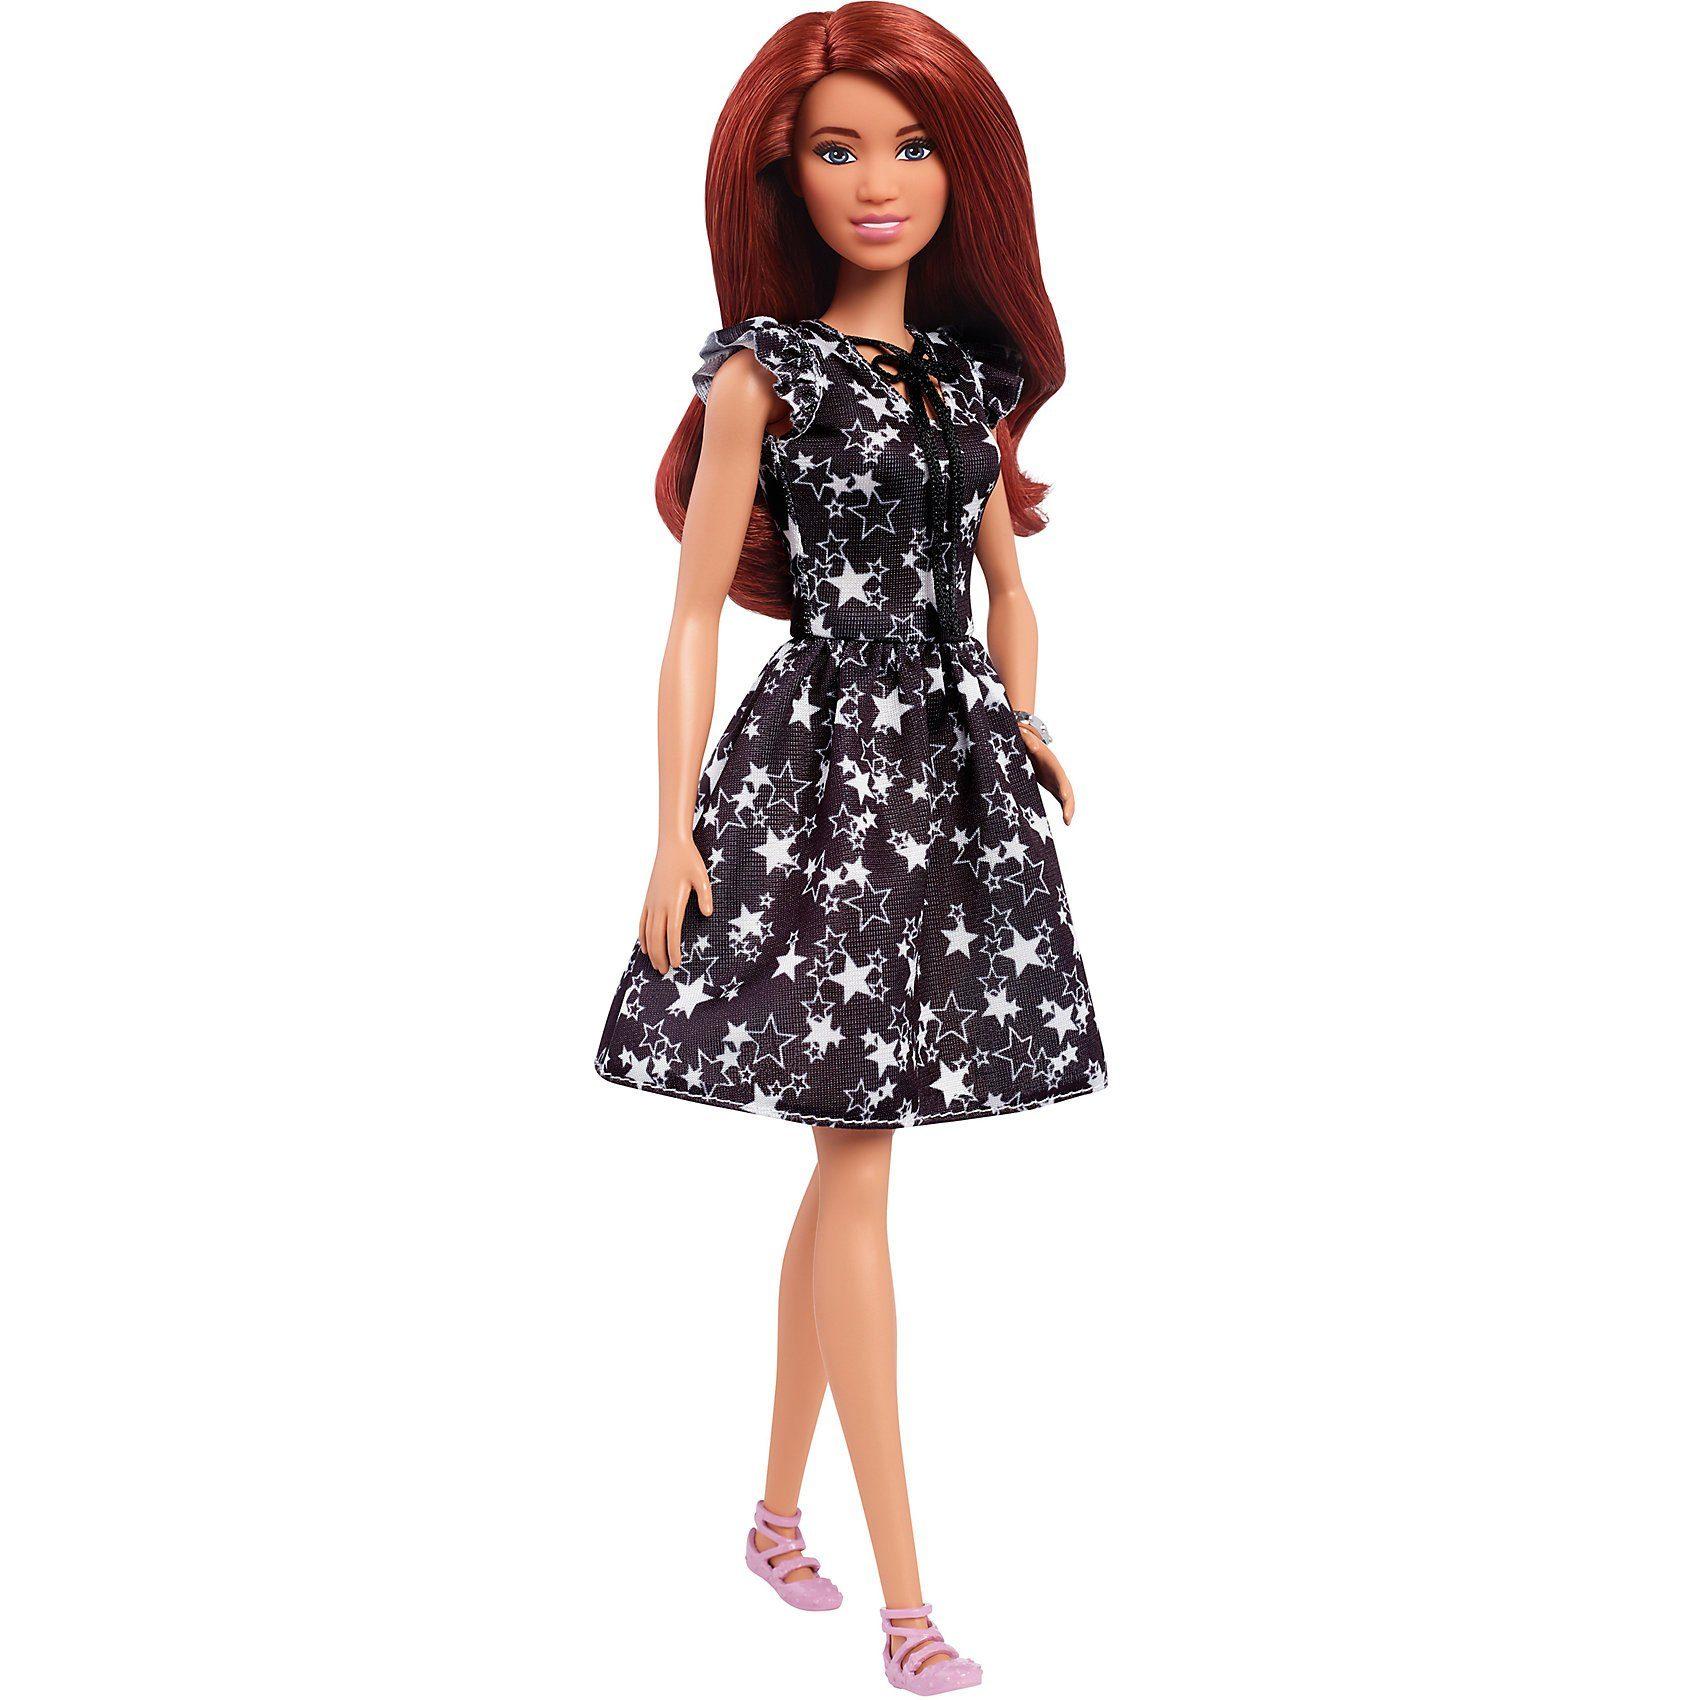 Mattel® Barbie Fashionista Puppe im schwarz-weißen Sternchen Kleid